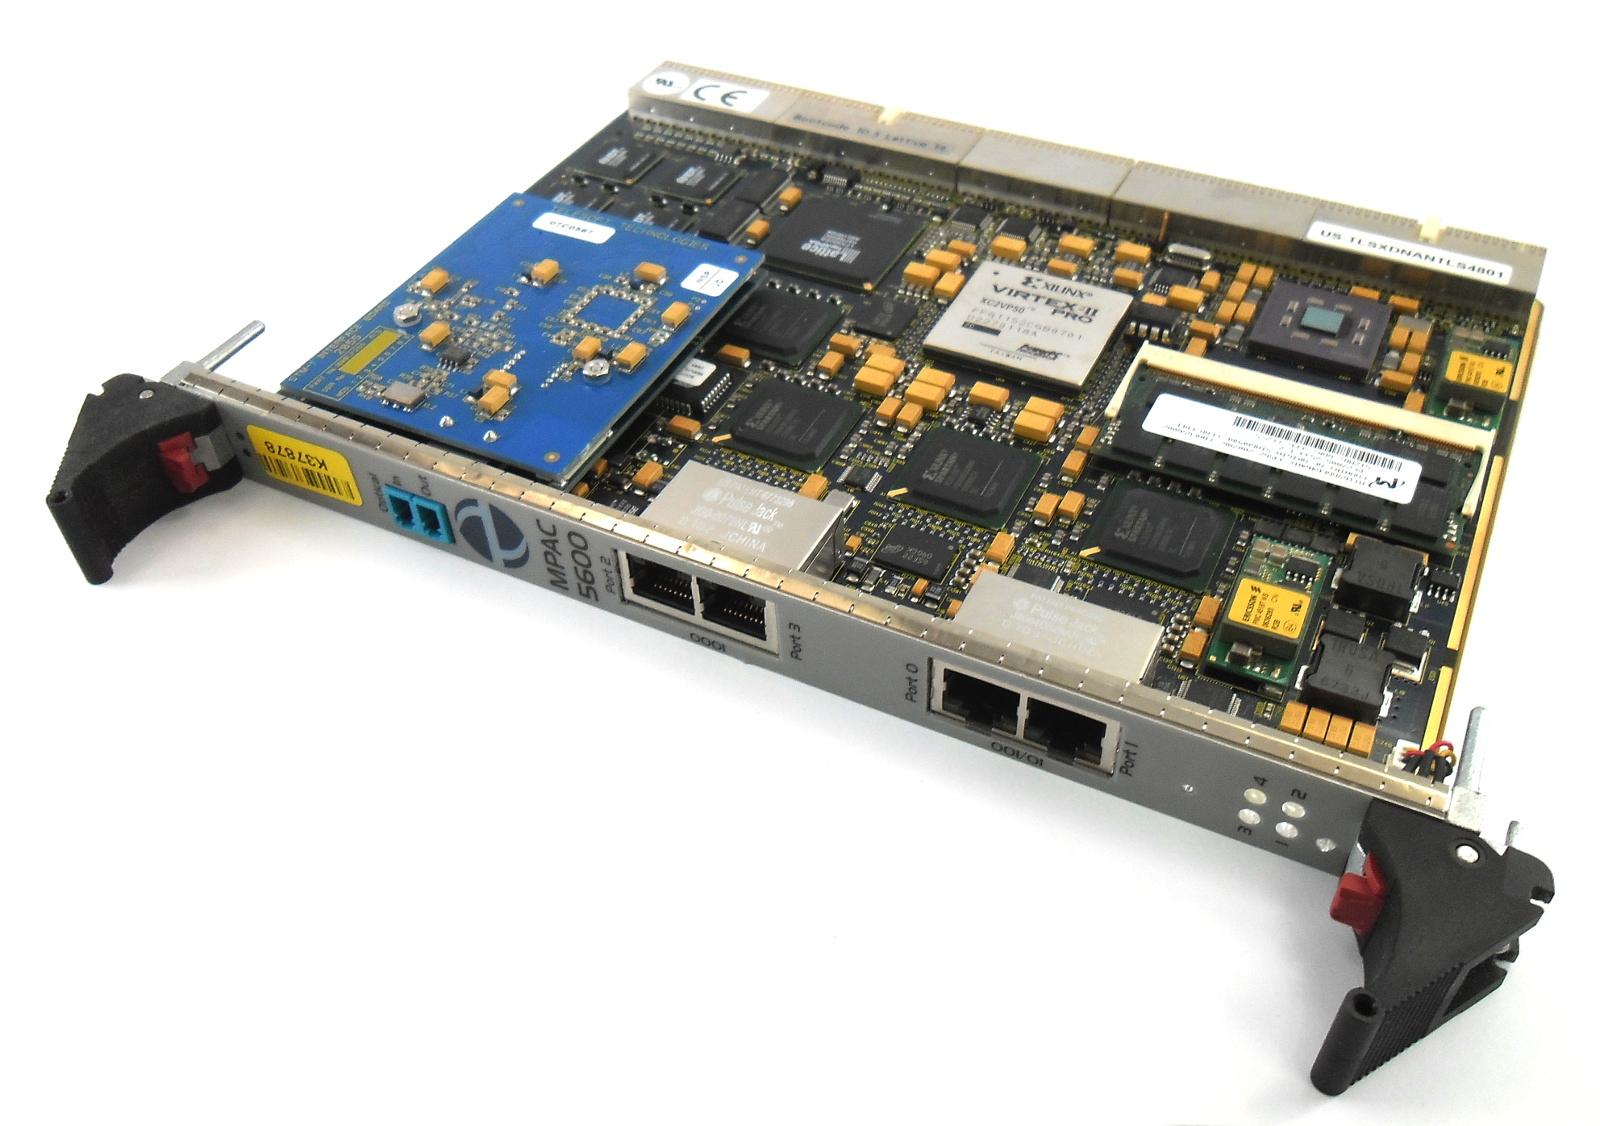 Telesoft 1000LF246 5.0 MPAC 5600 STM-1 cPCI SDH Access Blade w/ optical interfac